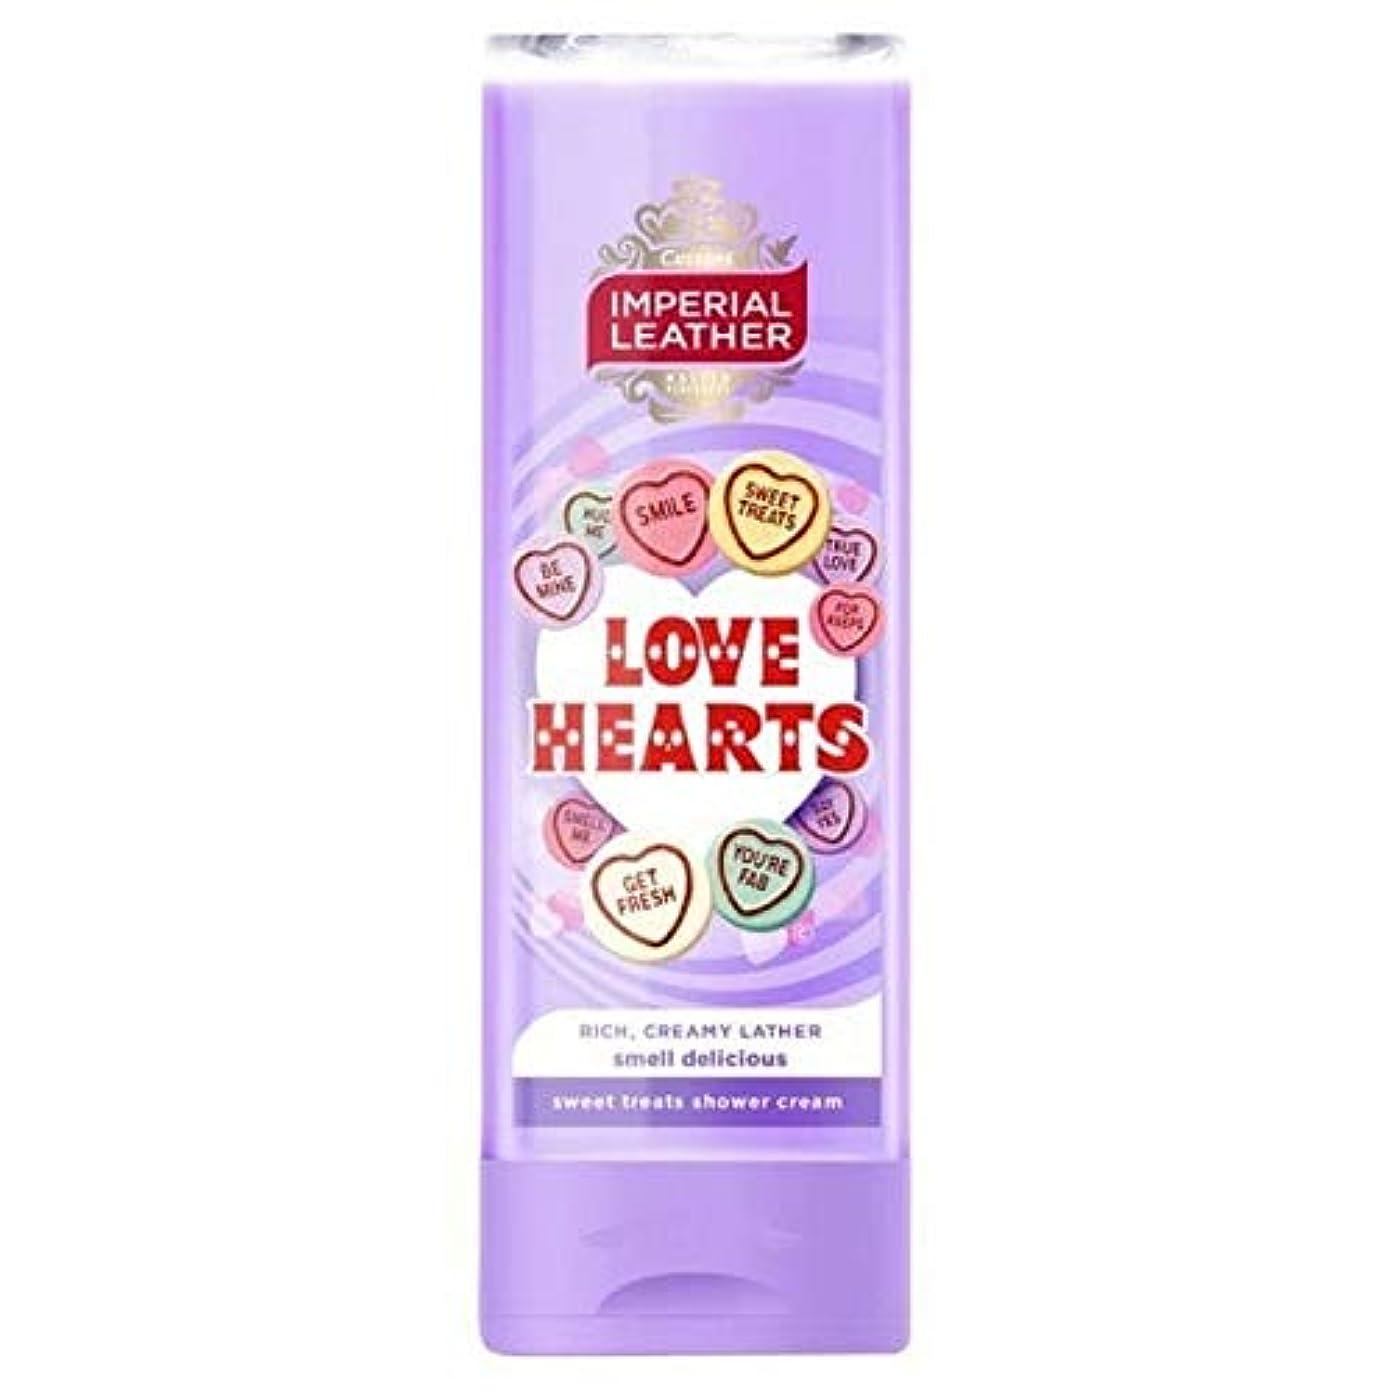 ひそかにキネマティクスアミューズ[Imperial Leather ] 帝国革の愛の心シャワージェル250ミリリットル - Imperial Leather Love Hearts Shower Gel 250ml [並行輸入品]